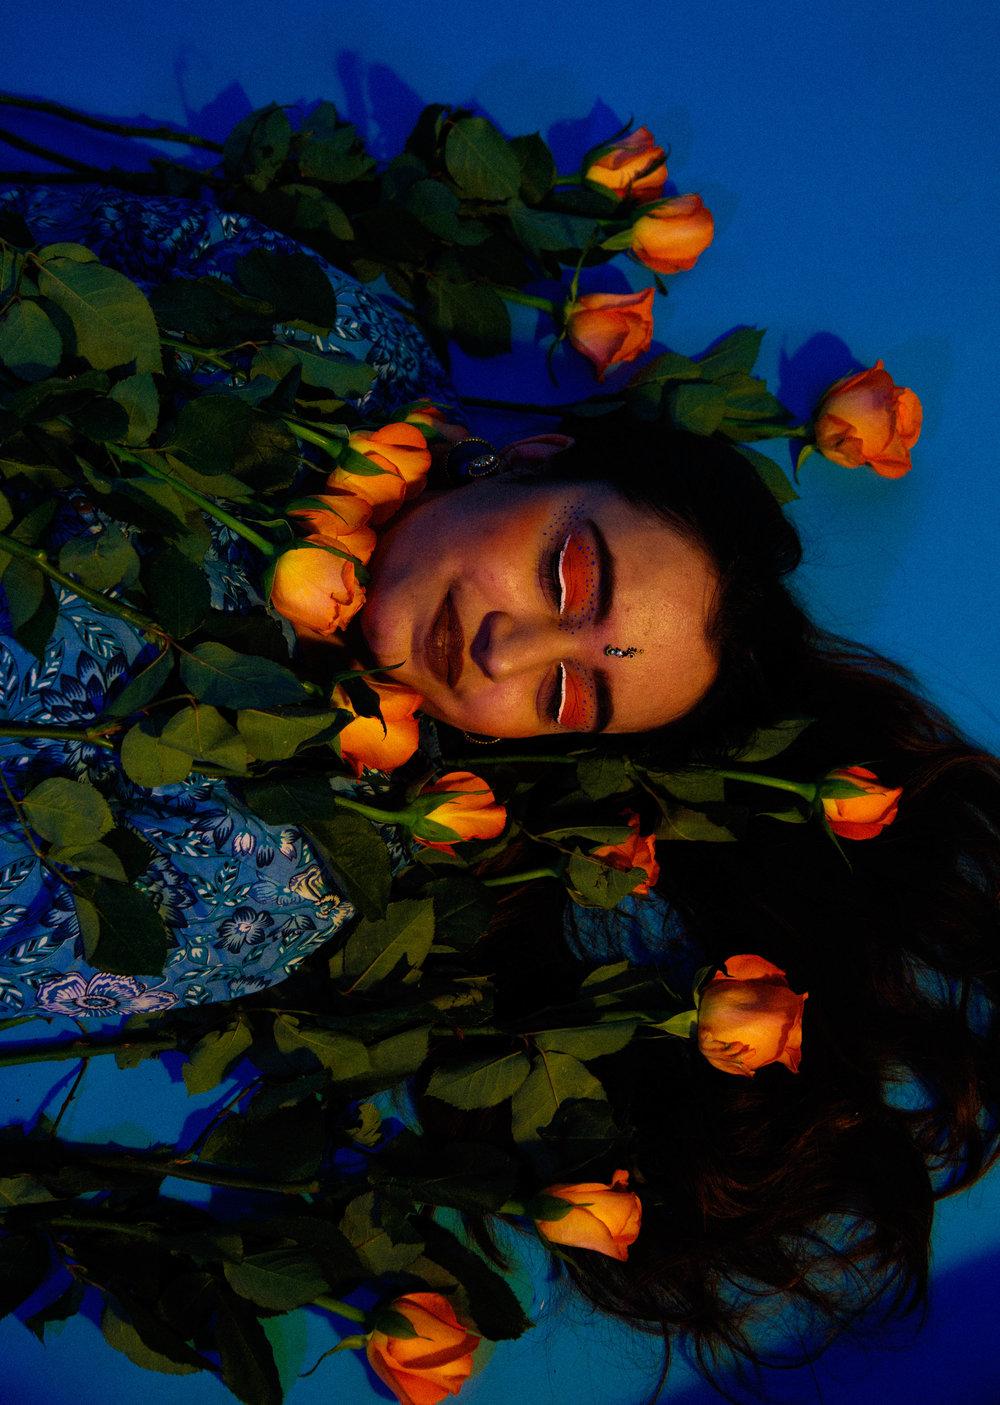 Simran & roses IV.jpg